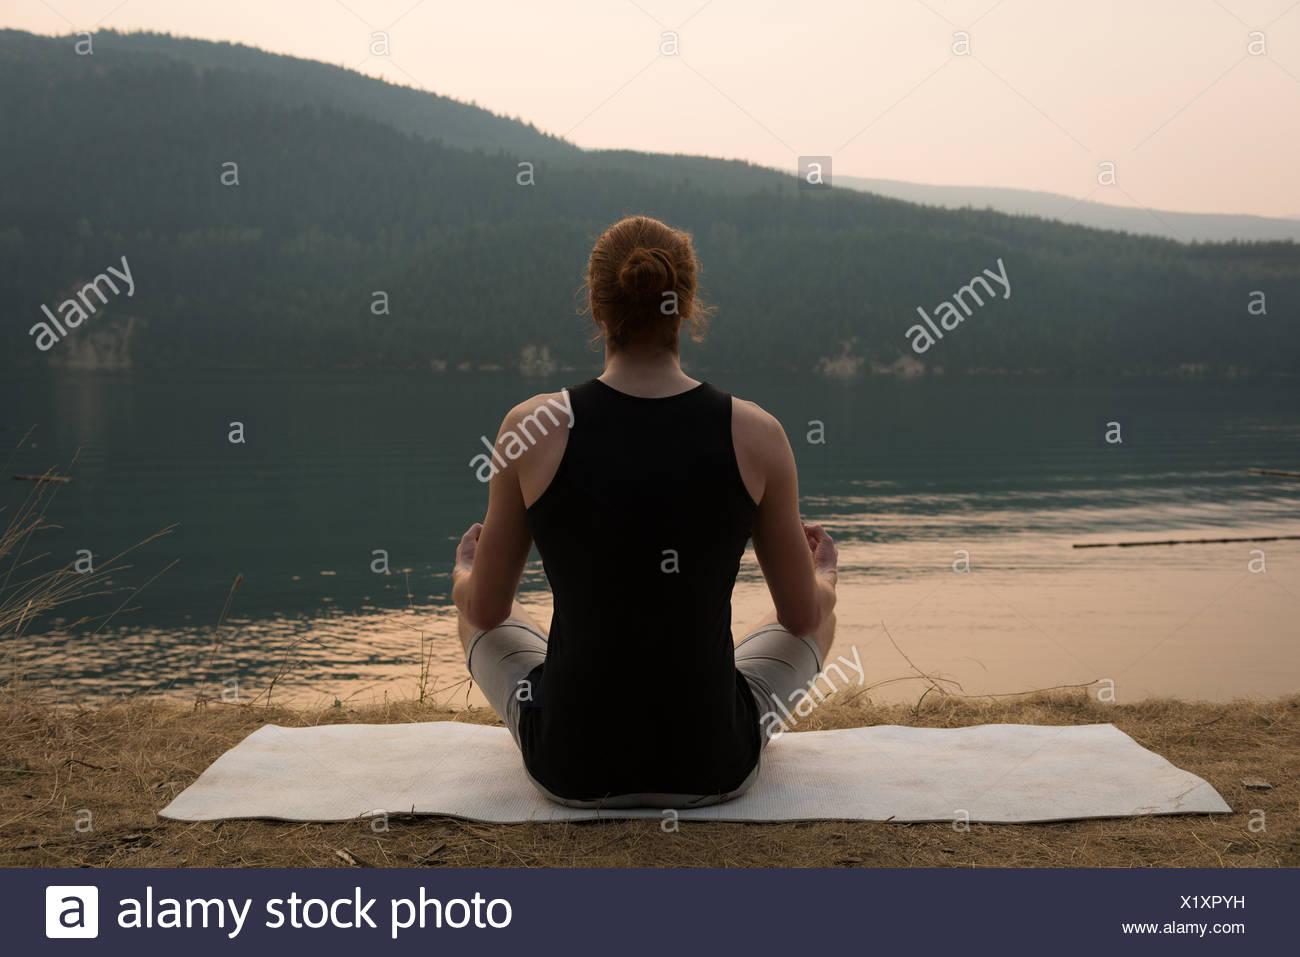 Passende Frau in Meditation Körperhaltung auf offenen Boden sitzen Stockfoto